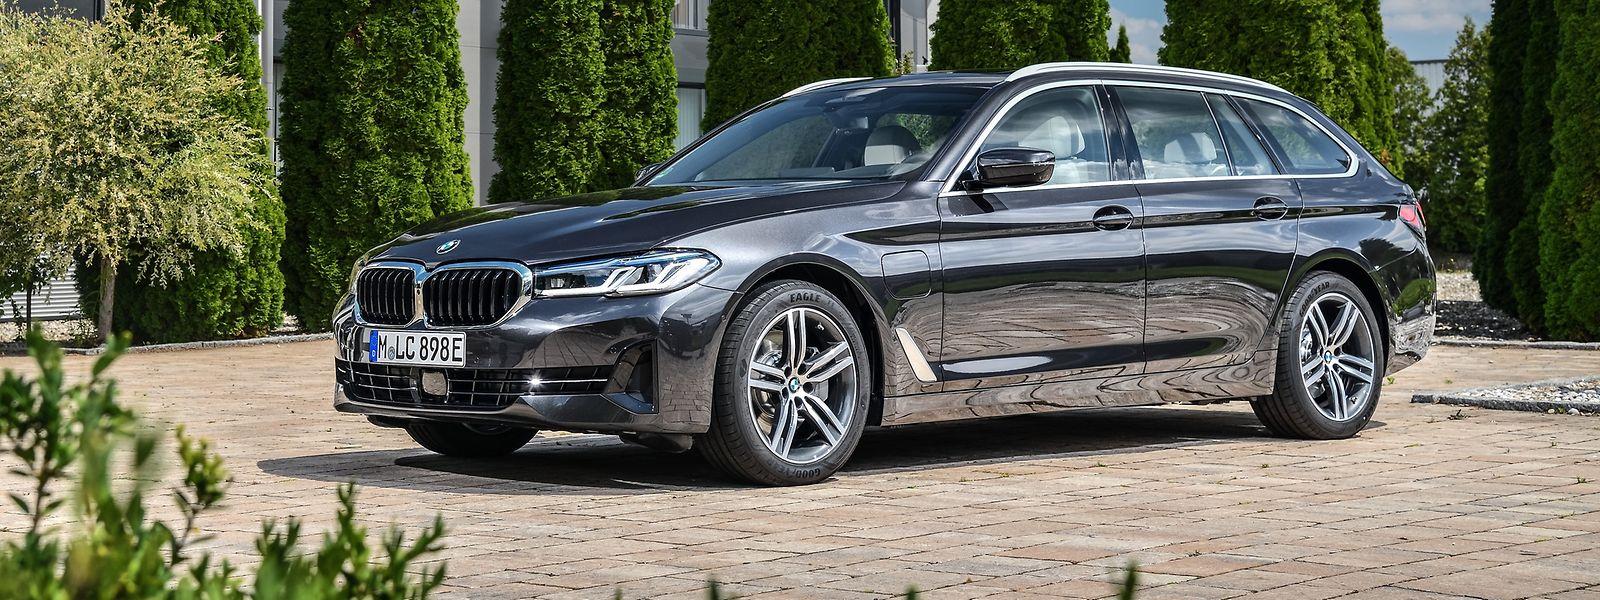 Nach der Modellpflege macht der BMW 5er Touring einen guten Gesamteindruck: Er ist komfortabel und sportlich zugleich – sowie technologisch auf dem neuesten Stand.